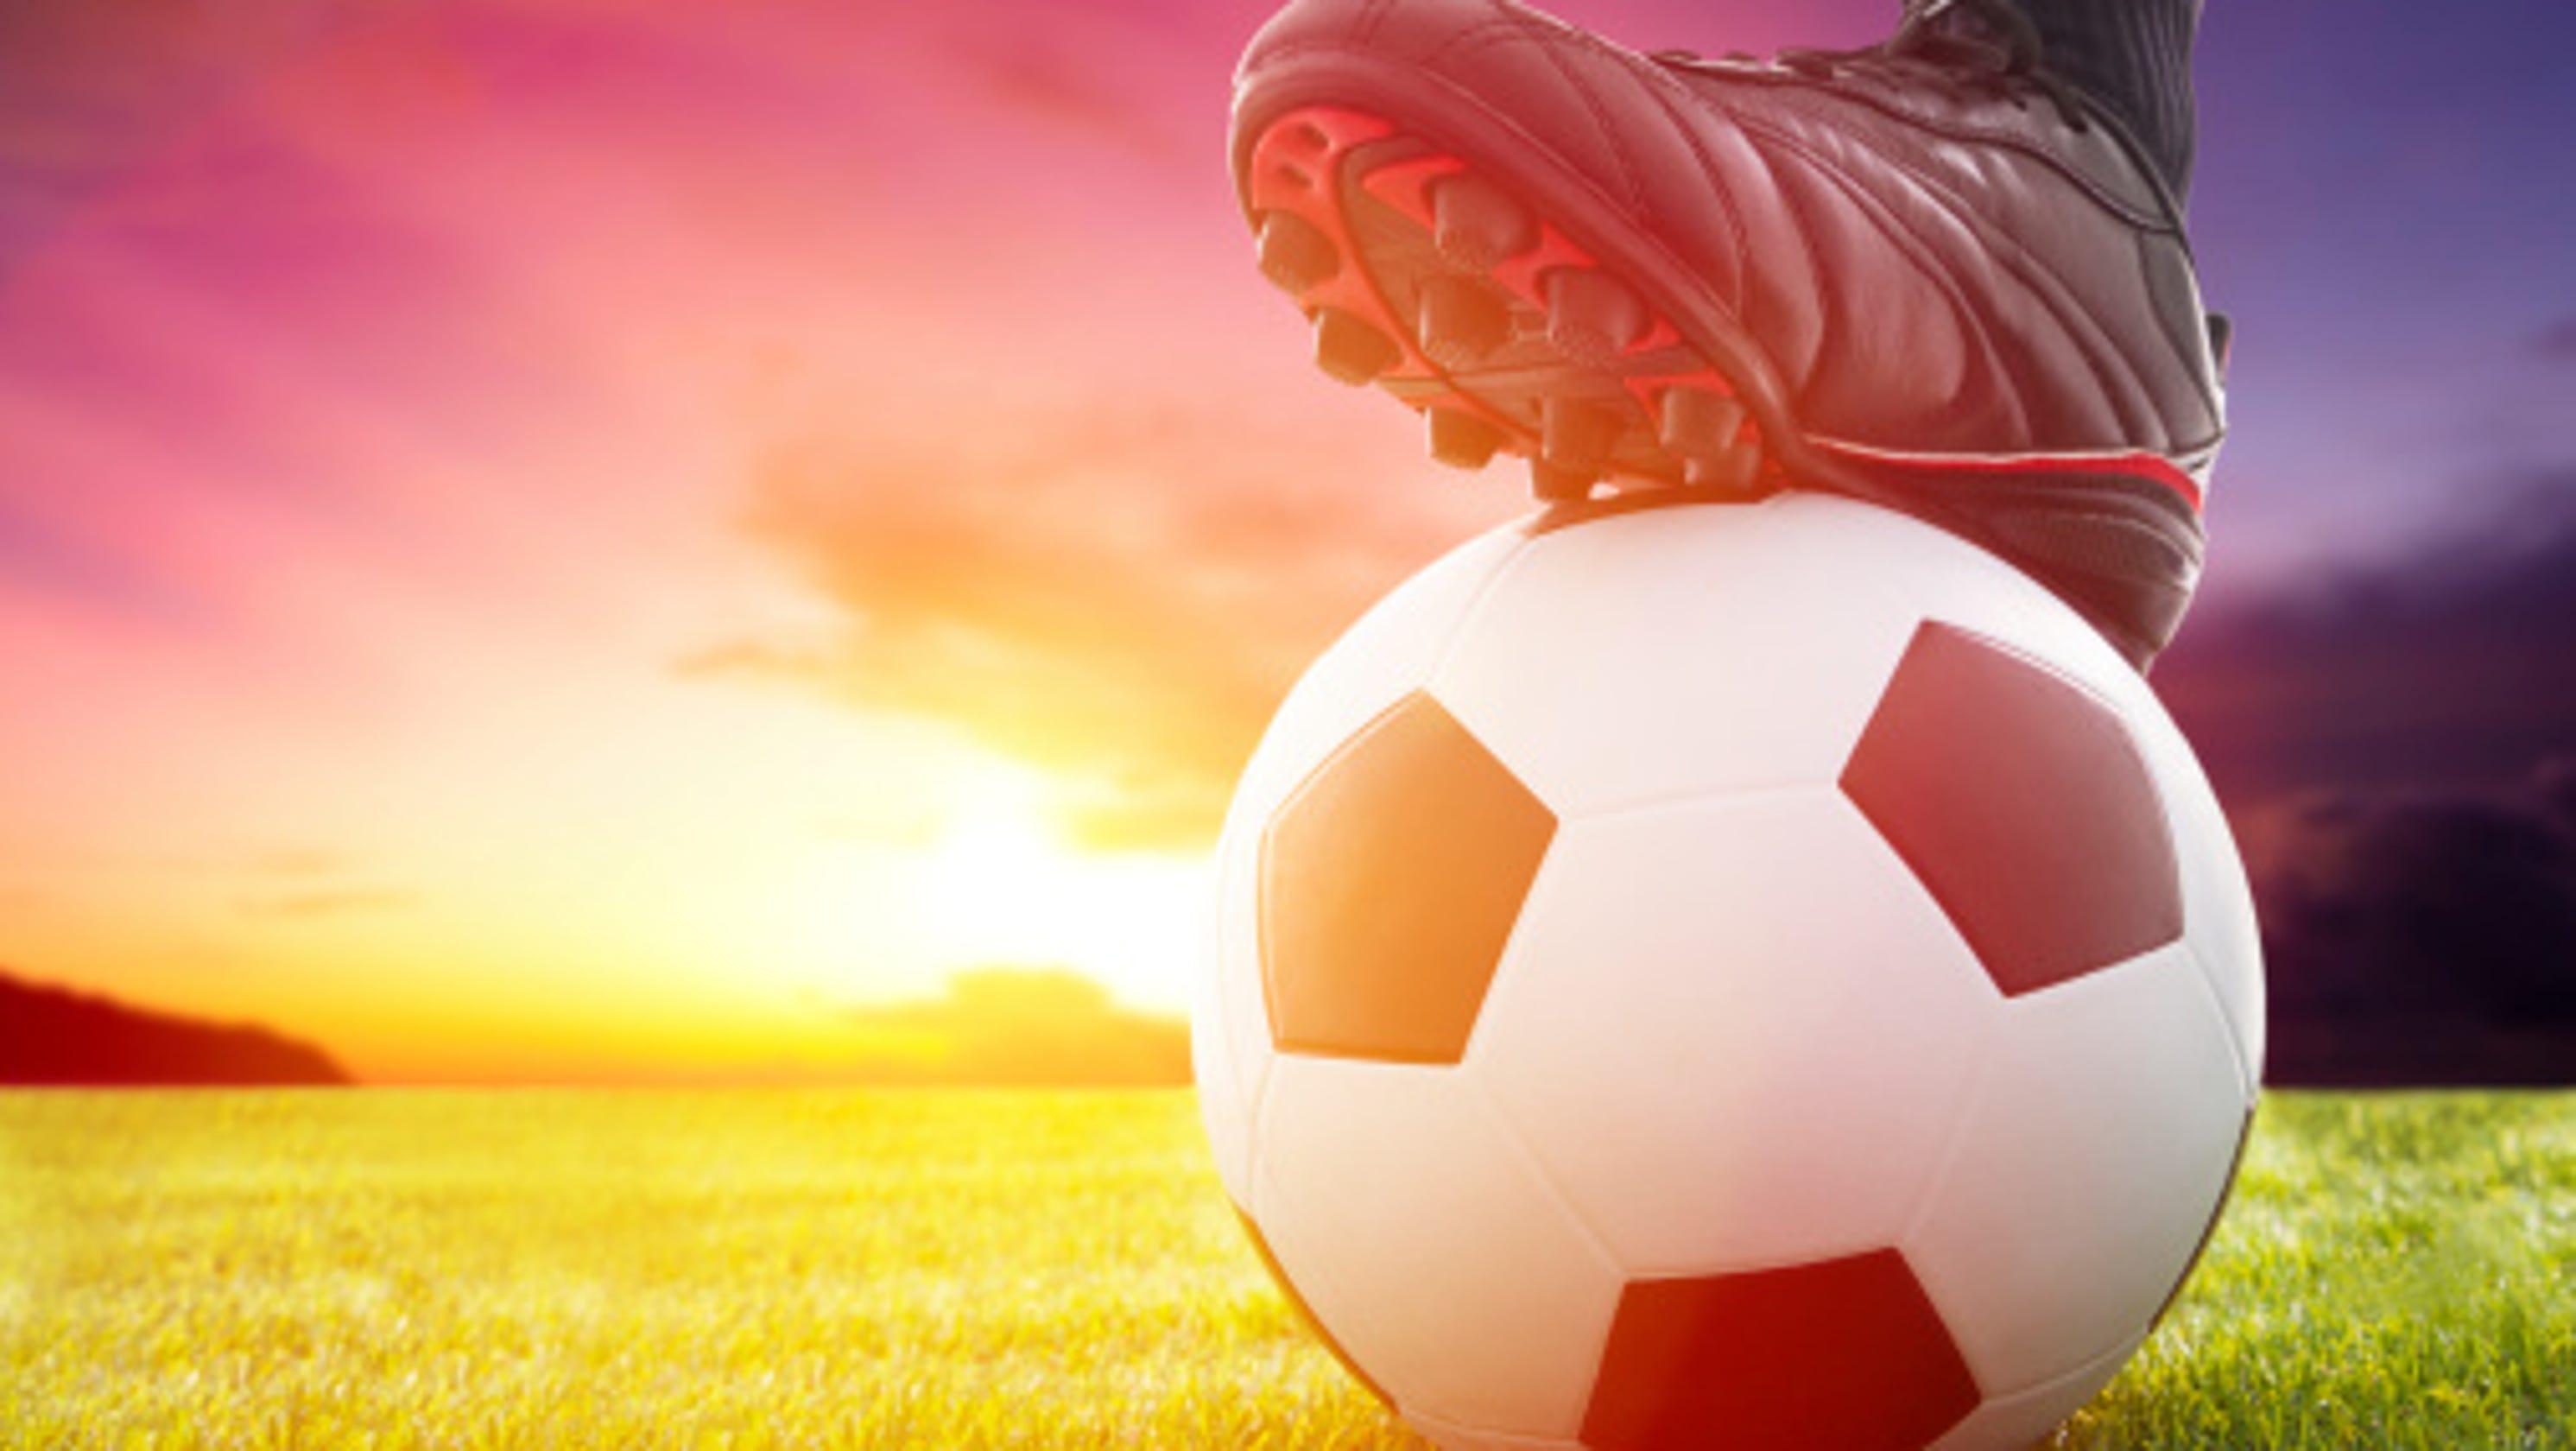 Αποτέλεσμα εικόνας για soccer